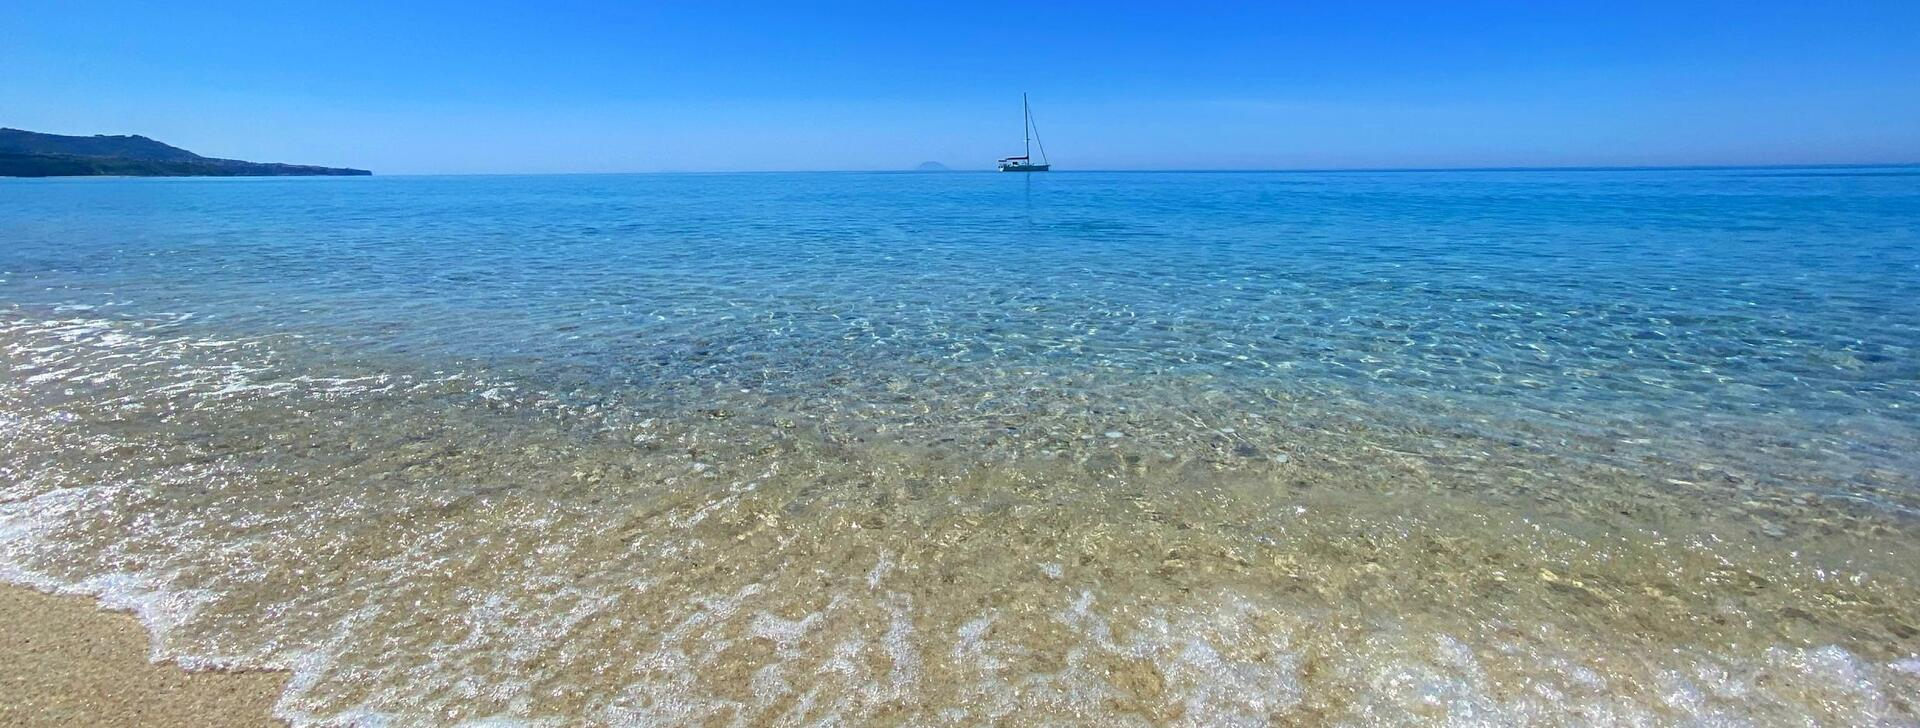 blutropical en beach-costa-degli-dei 010